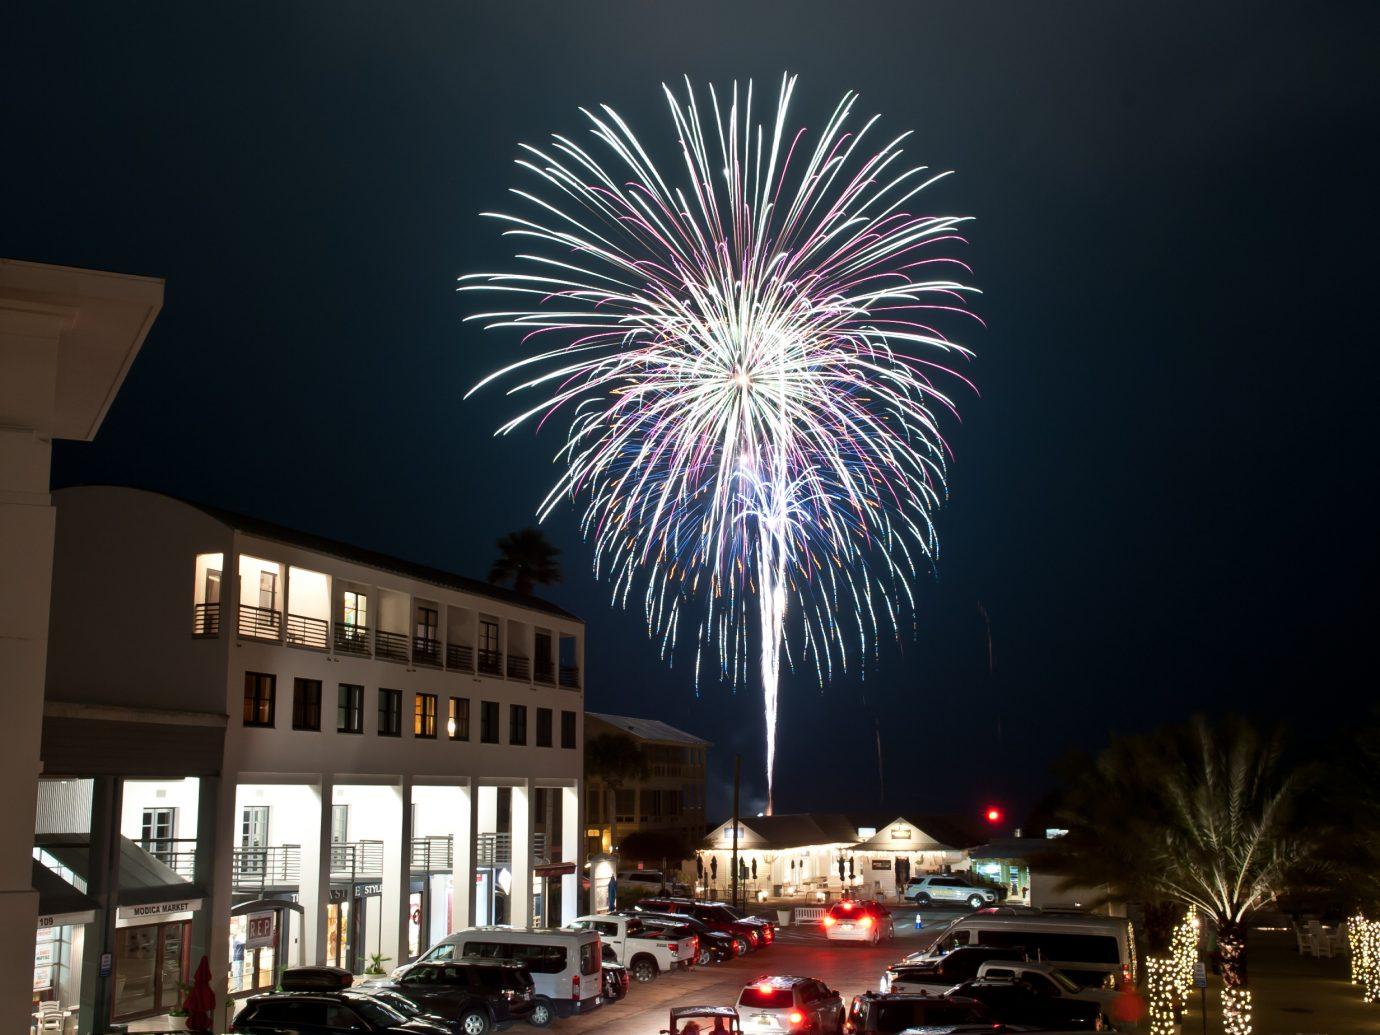 Fireworks display in Seaside, FL